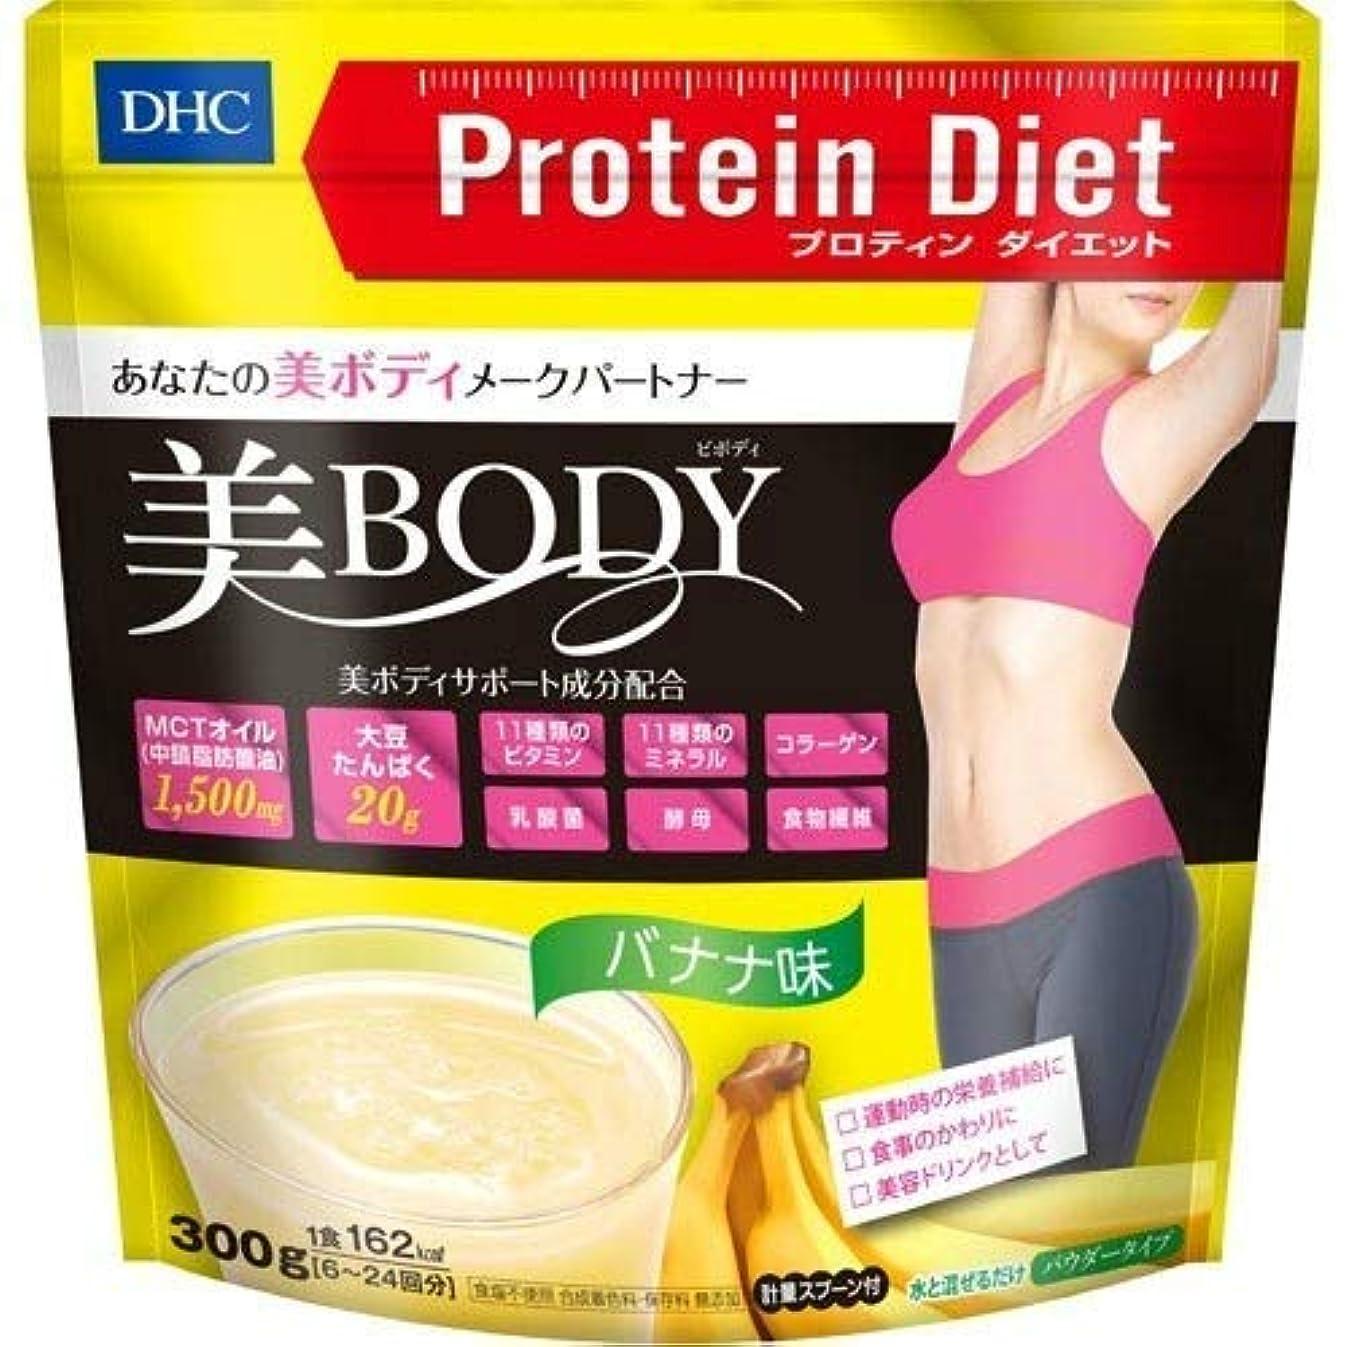 皮回答能力DHC プロテインダイエット 美Body バナナ味 300g × 3個セット